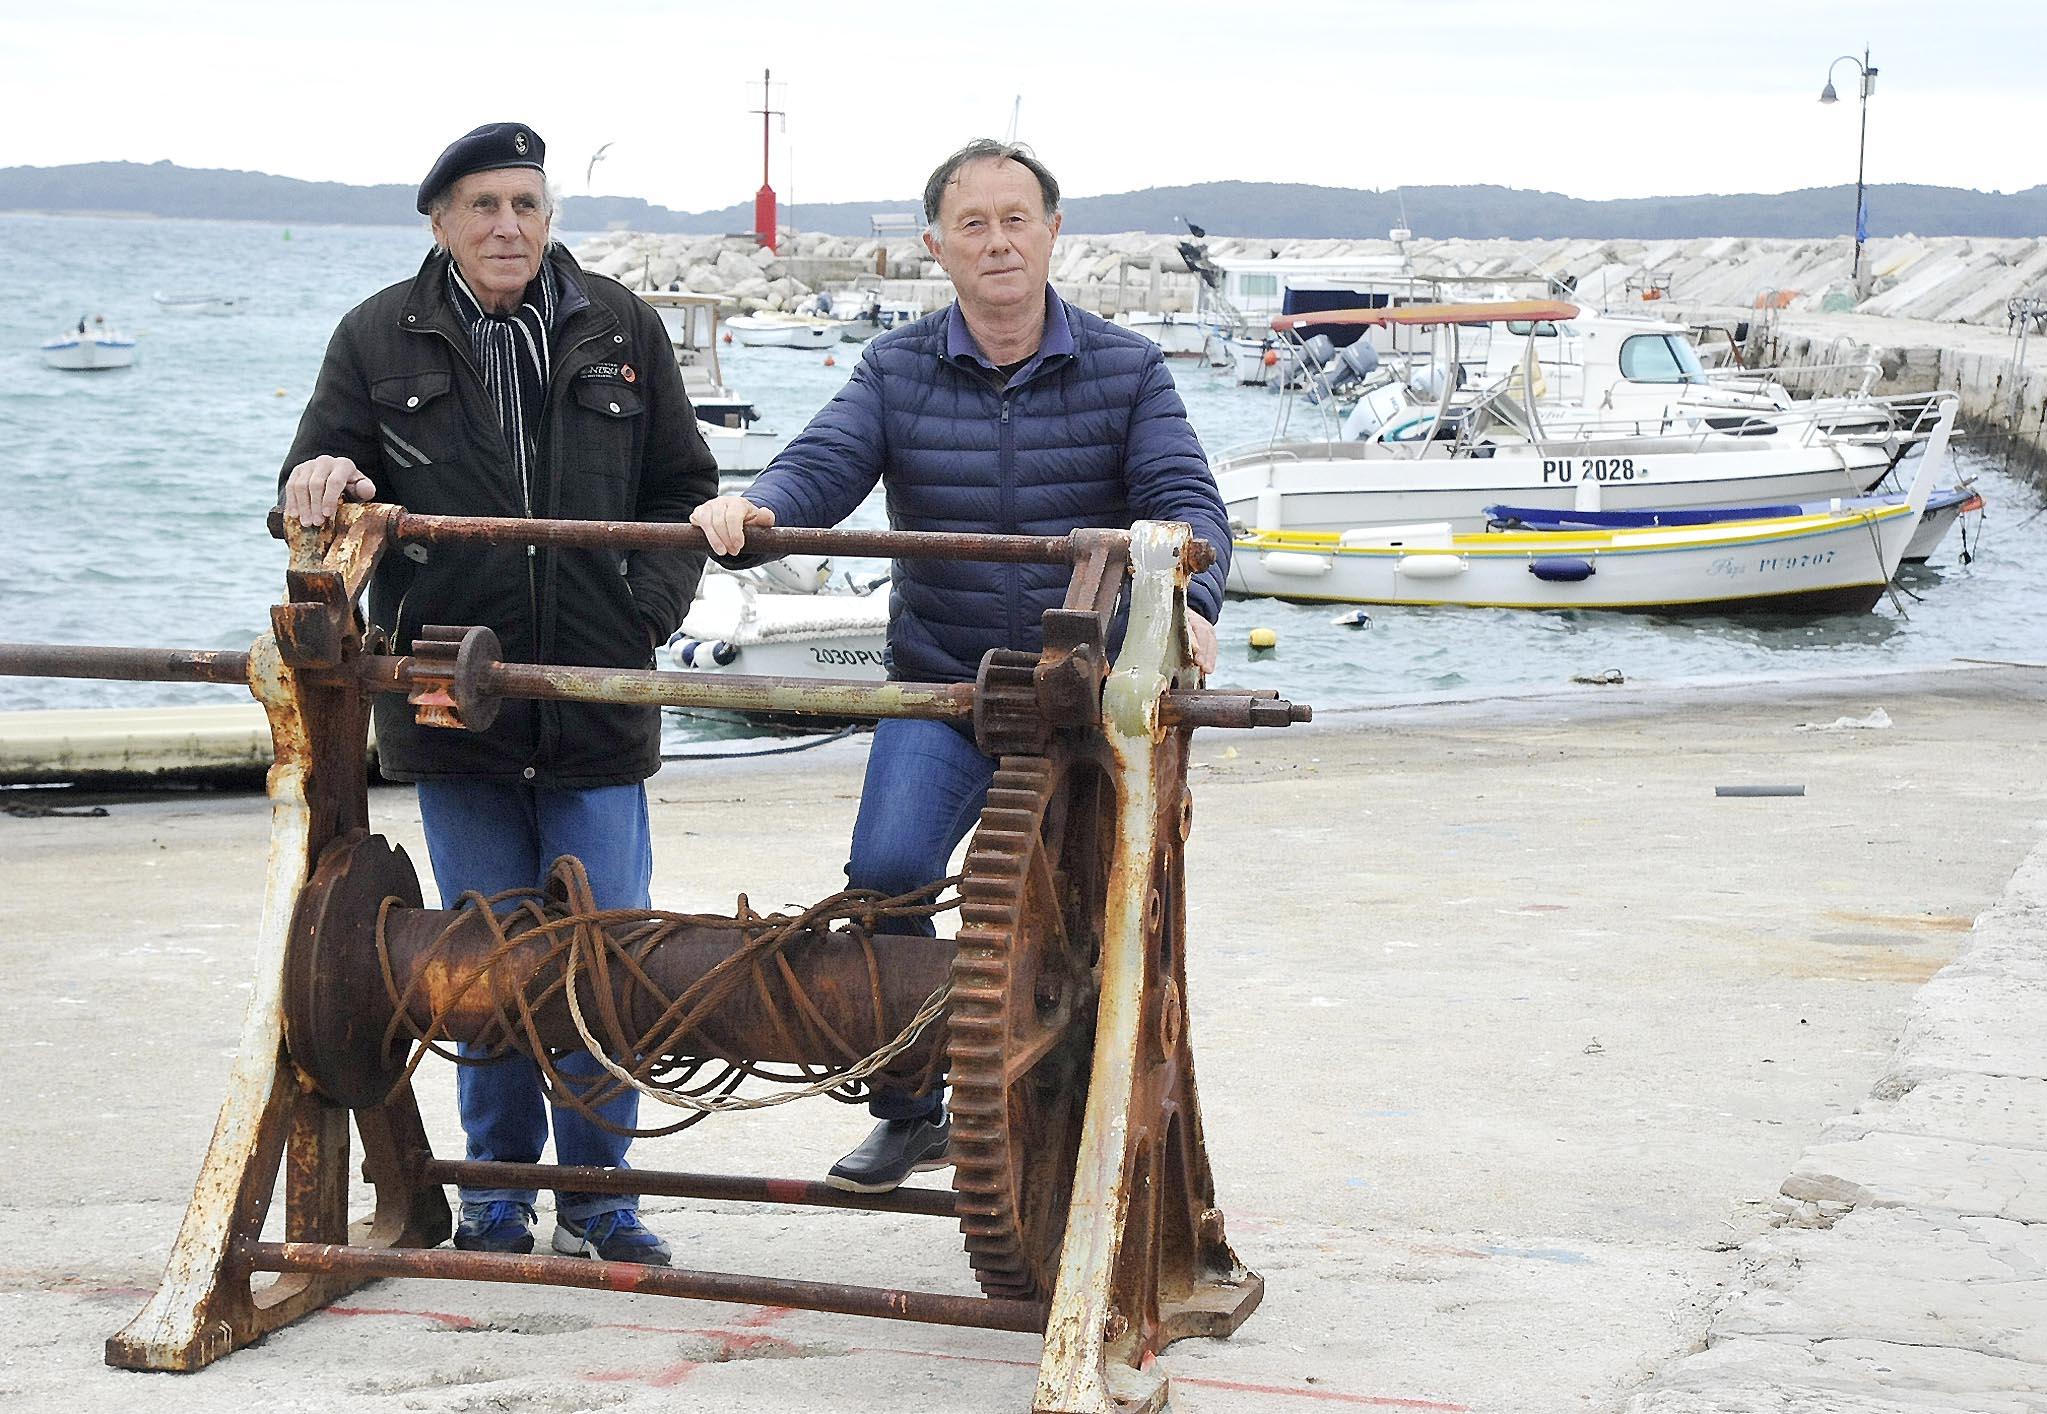 Ribara i brodica u luci je sve manje - Fabrizio Valente i Nikola Grubišić / Snimio Sergej DRECHSLER